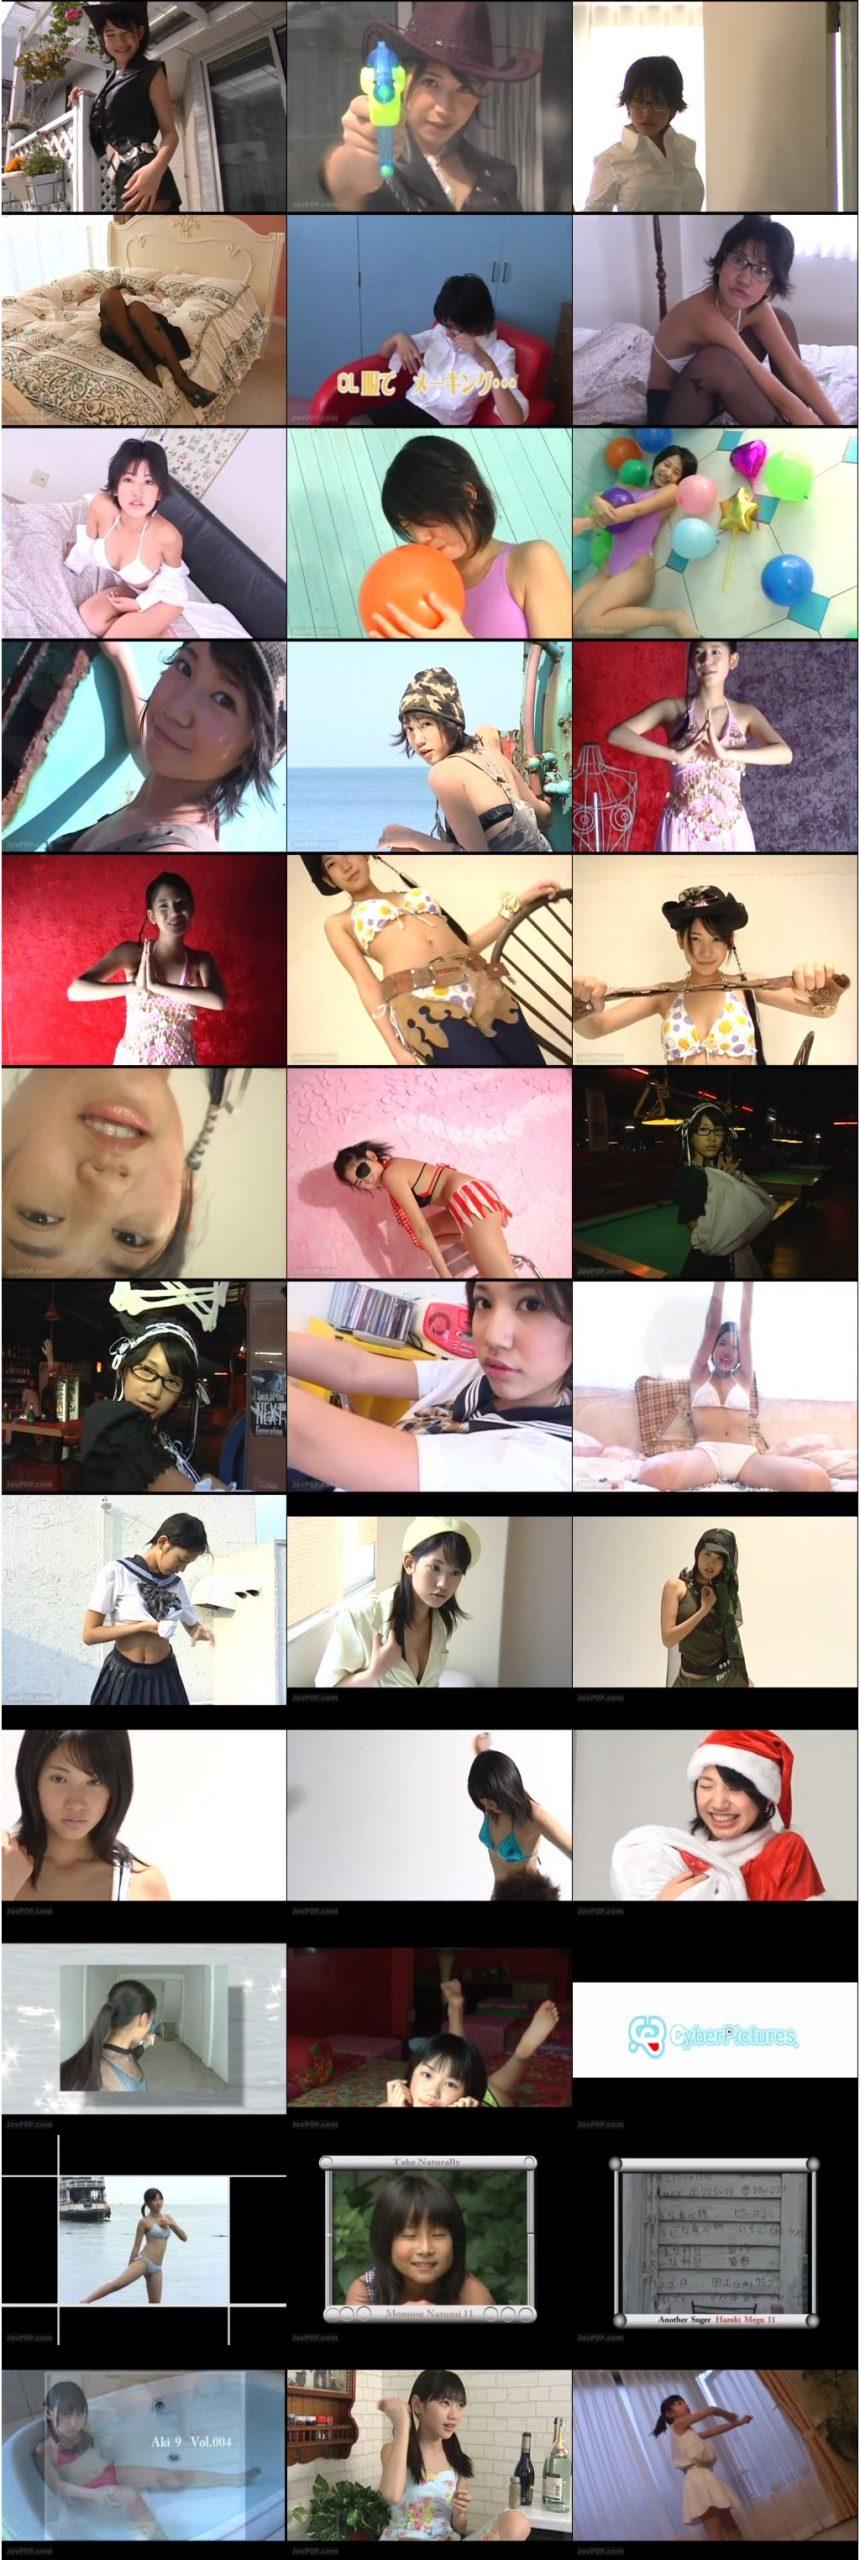 cpsky 035 s scaled - [CPSKY-035] 朝倉みかん Mikan Asakura – コスプレDX 朝倉みかん 14歳